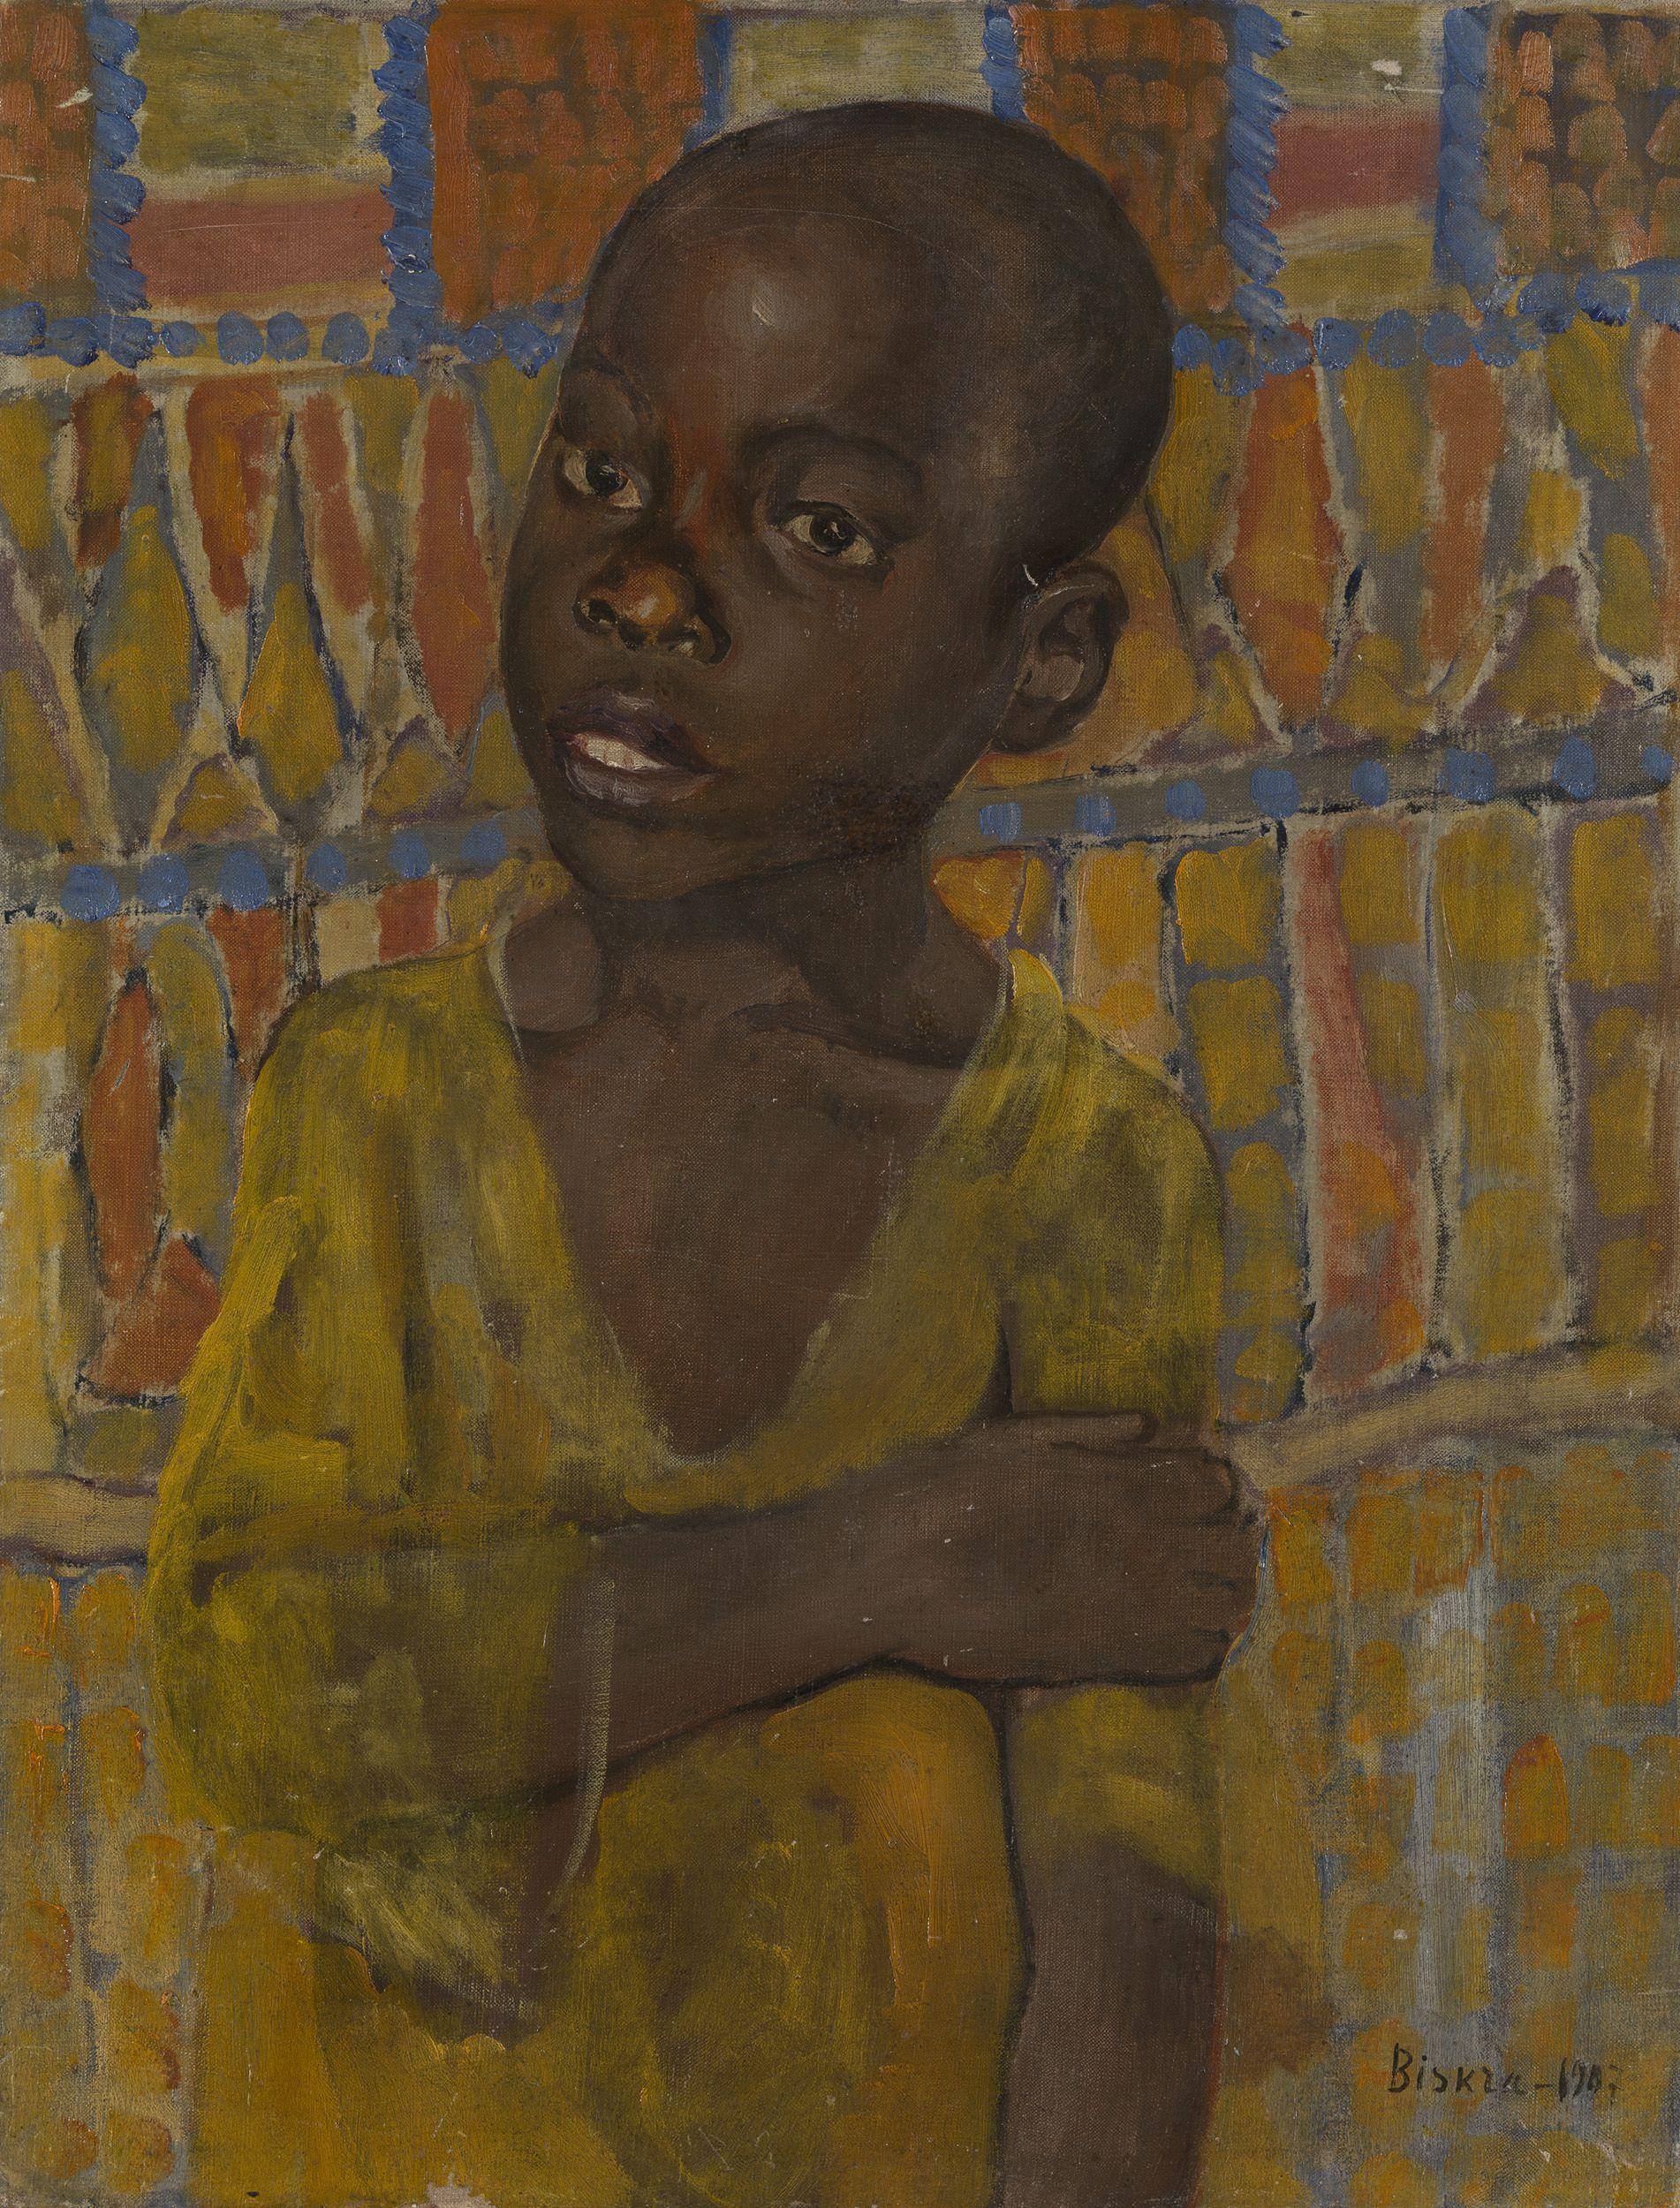 Lot 28 Kuzma Petrov-Vodkin, Portrait of an African Boy